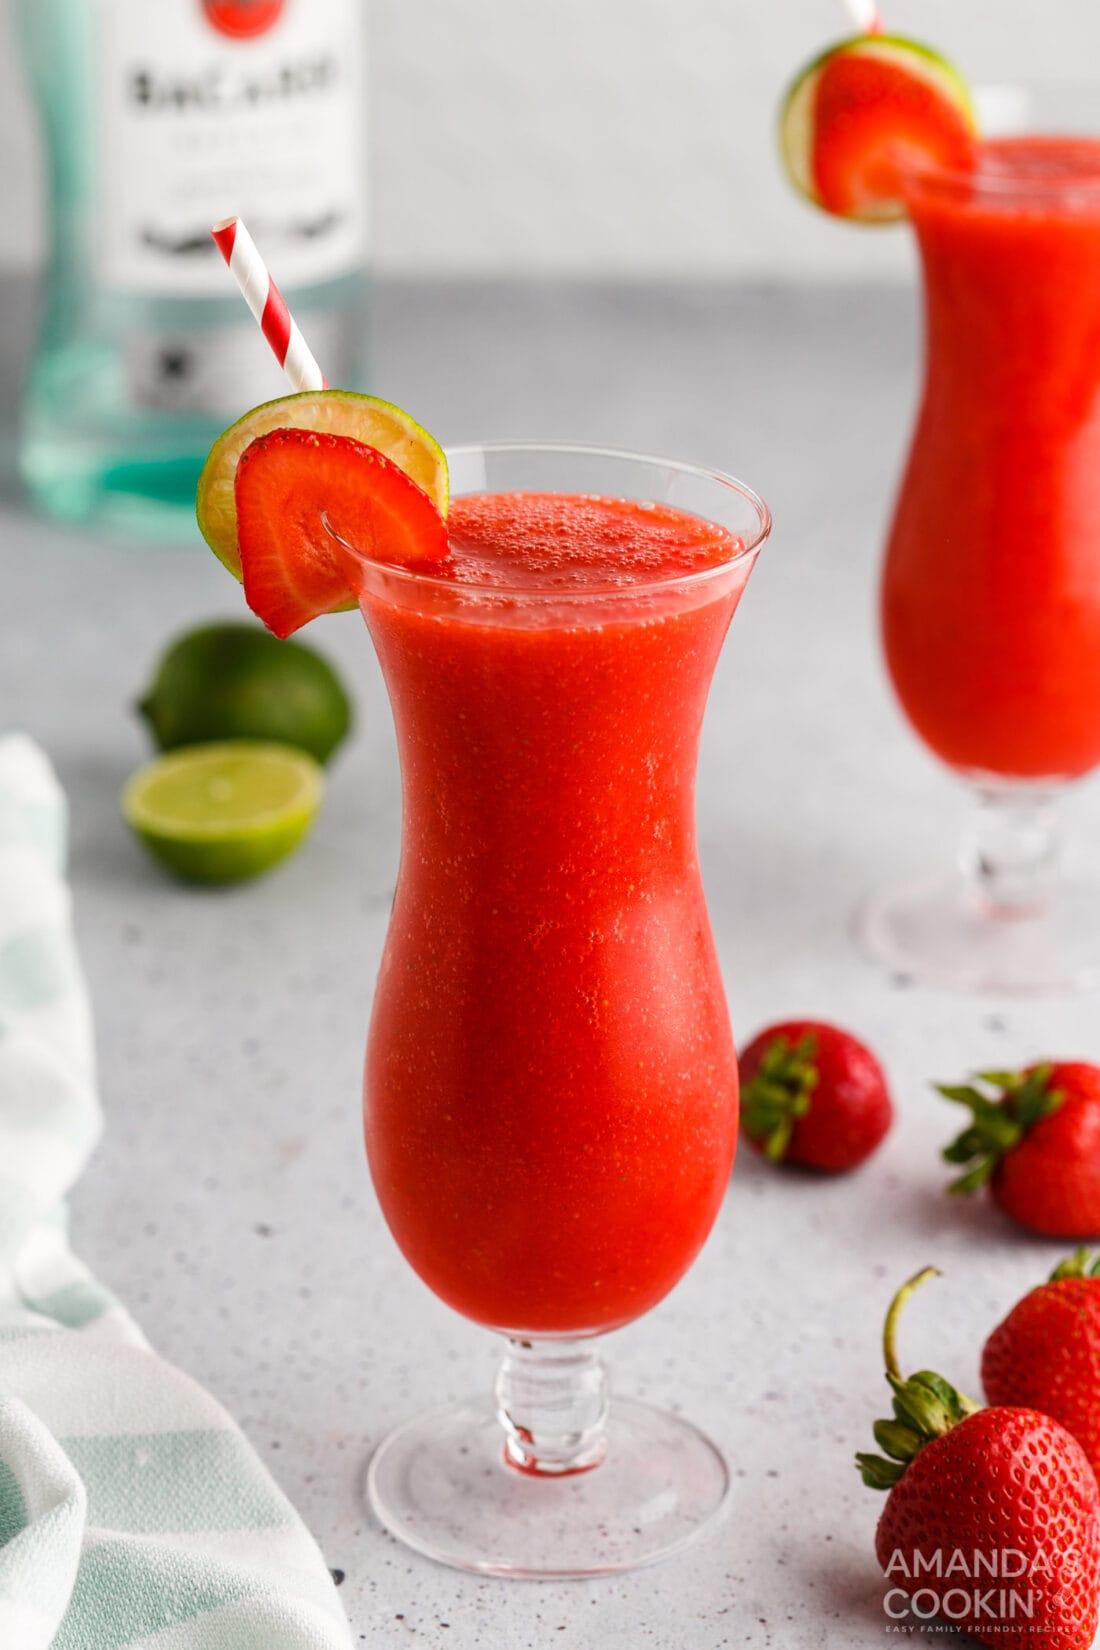 Strawberry Daiquiri in a hurricane glass